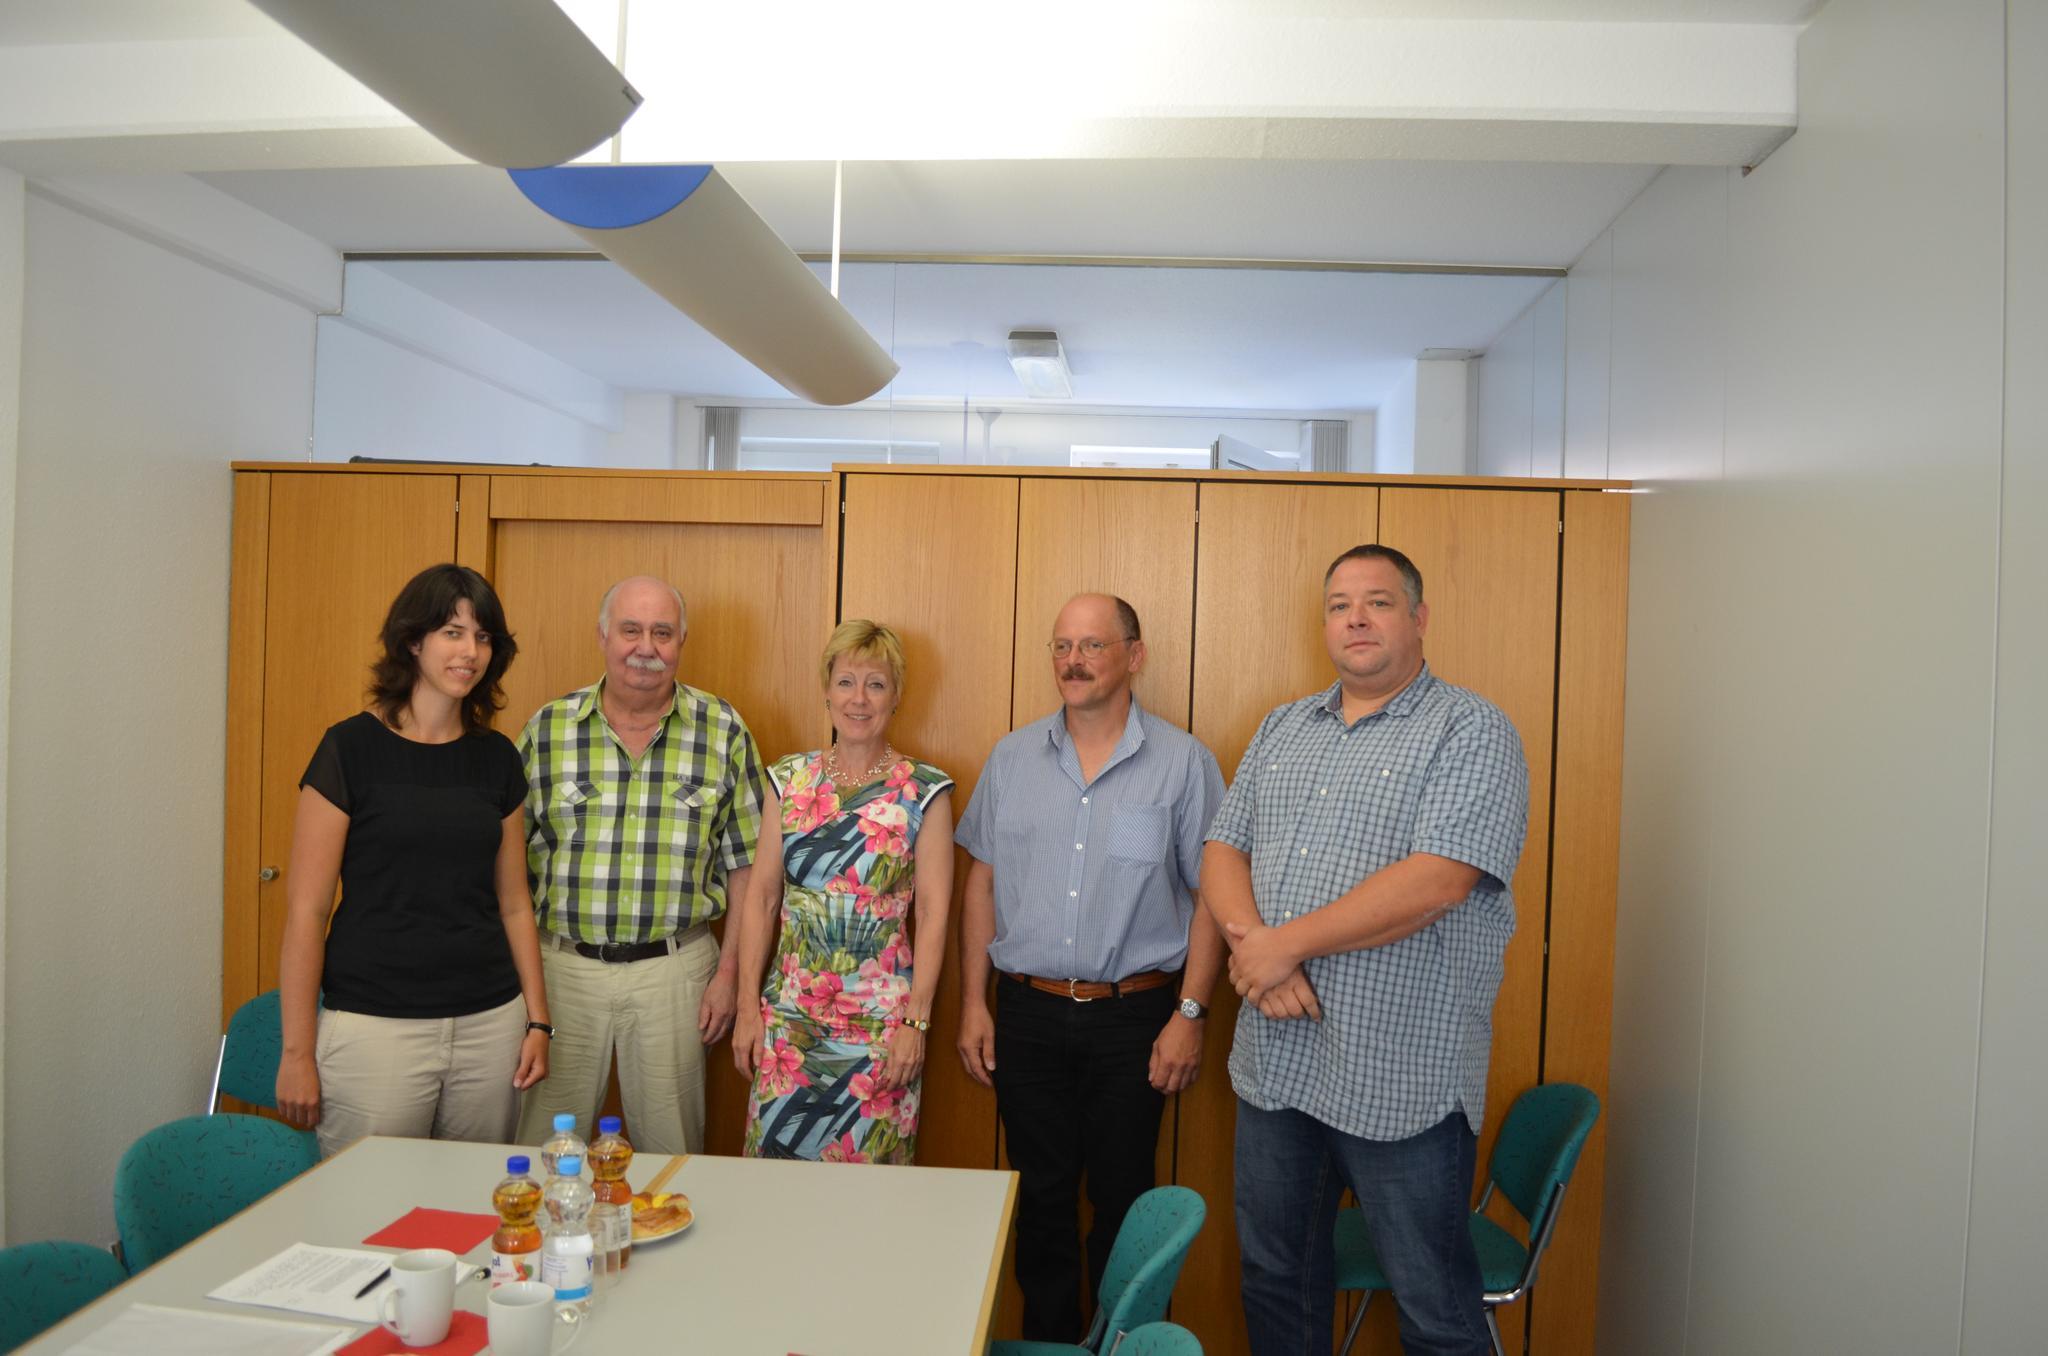 von links nach rechts: Mia Koch (DGB Regionssekretärin), Rudi Braun (Vorsitzender DGB-Kreisverband Neckar-Odenwald), Bundestagsabgeordnete Dr. Dorothee Schlegel, Rainer Schwab (stellvertretender Vorsitzender DGB-Kreisverband Neckar-Odenwald), Robin Friedl (Vorstandsmitglied DGB-Kreisverband Neckar-Odenwald)